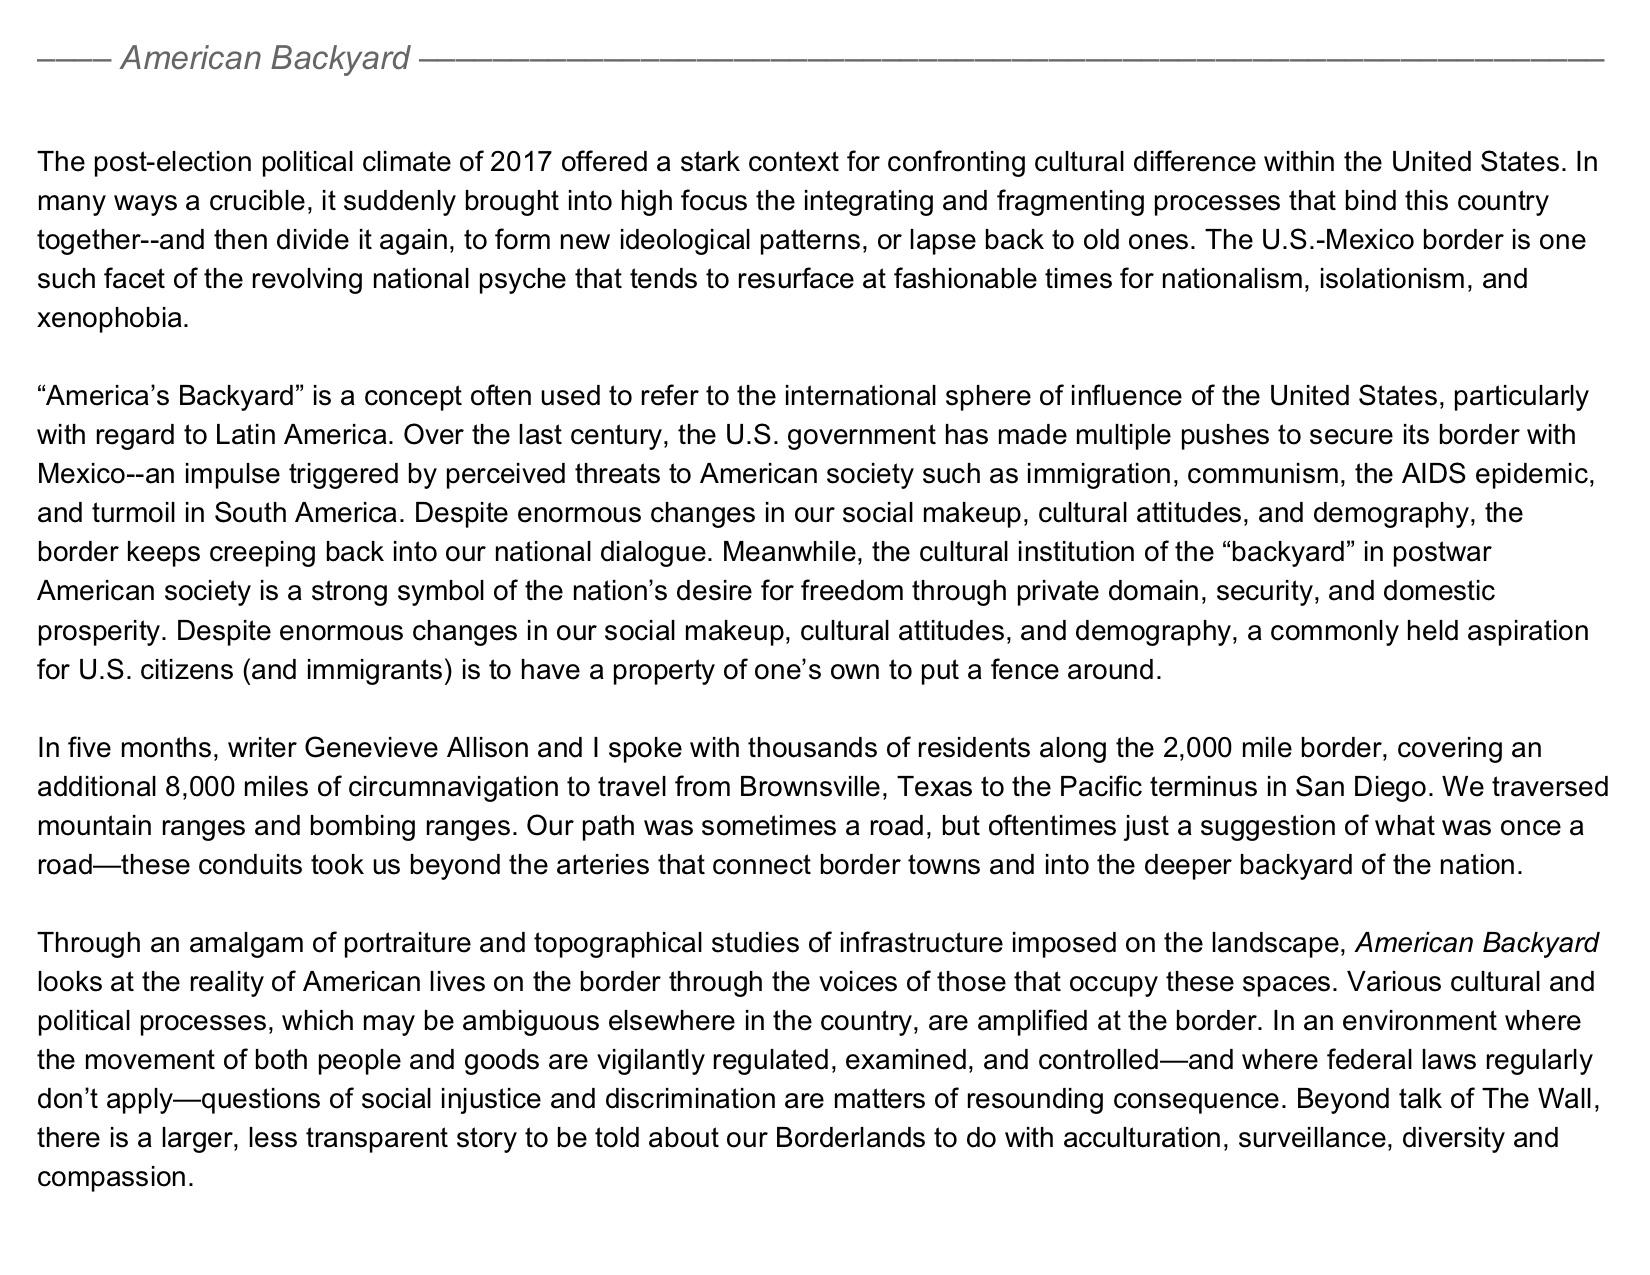 AmericanBackyard_Webpage.jpg